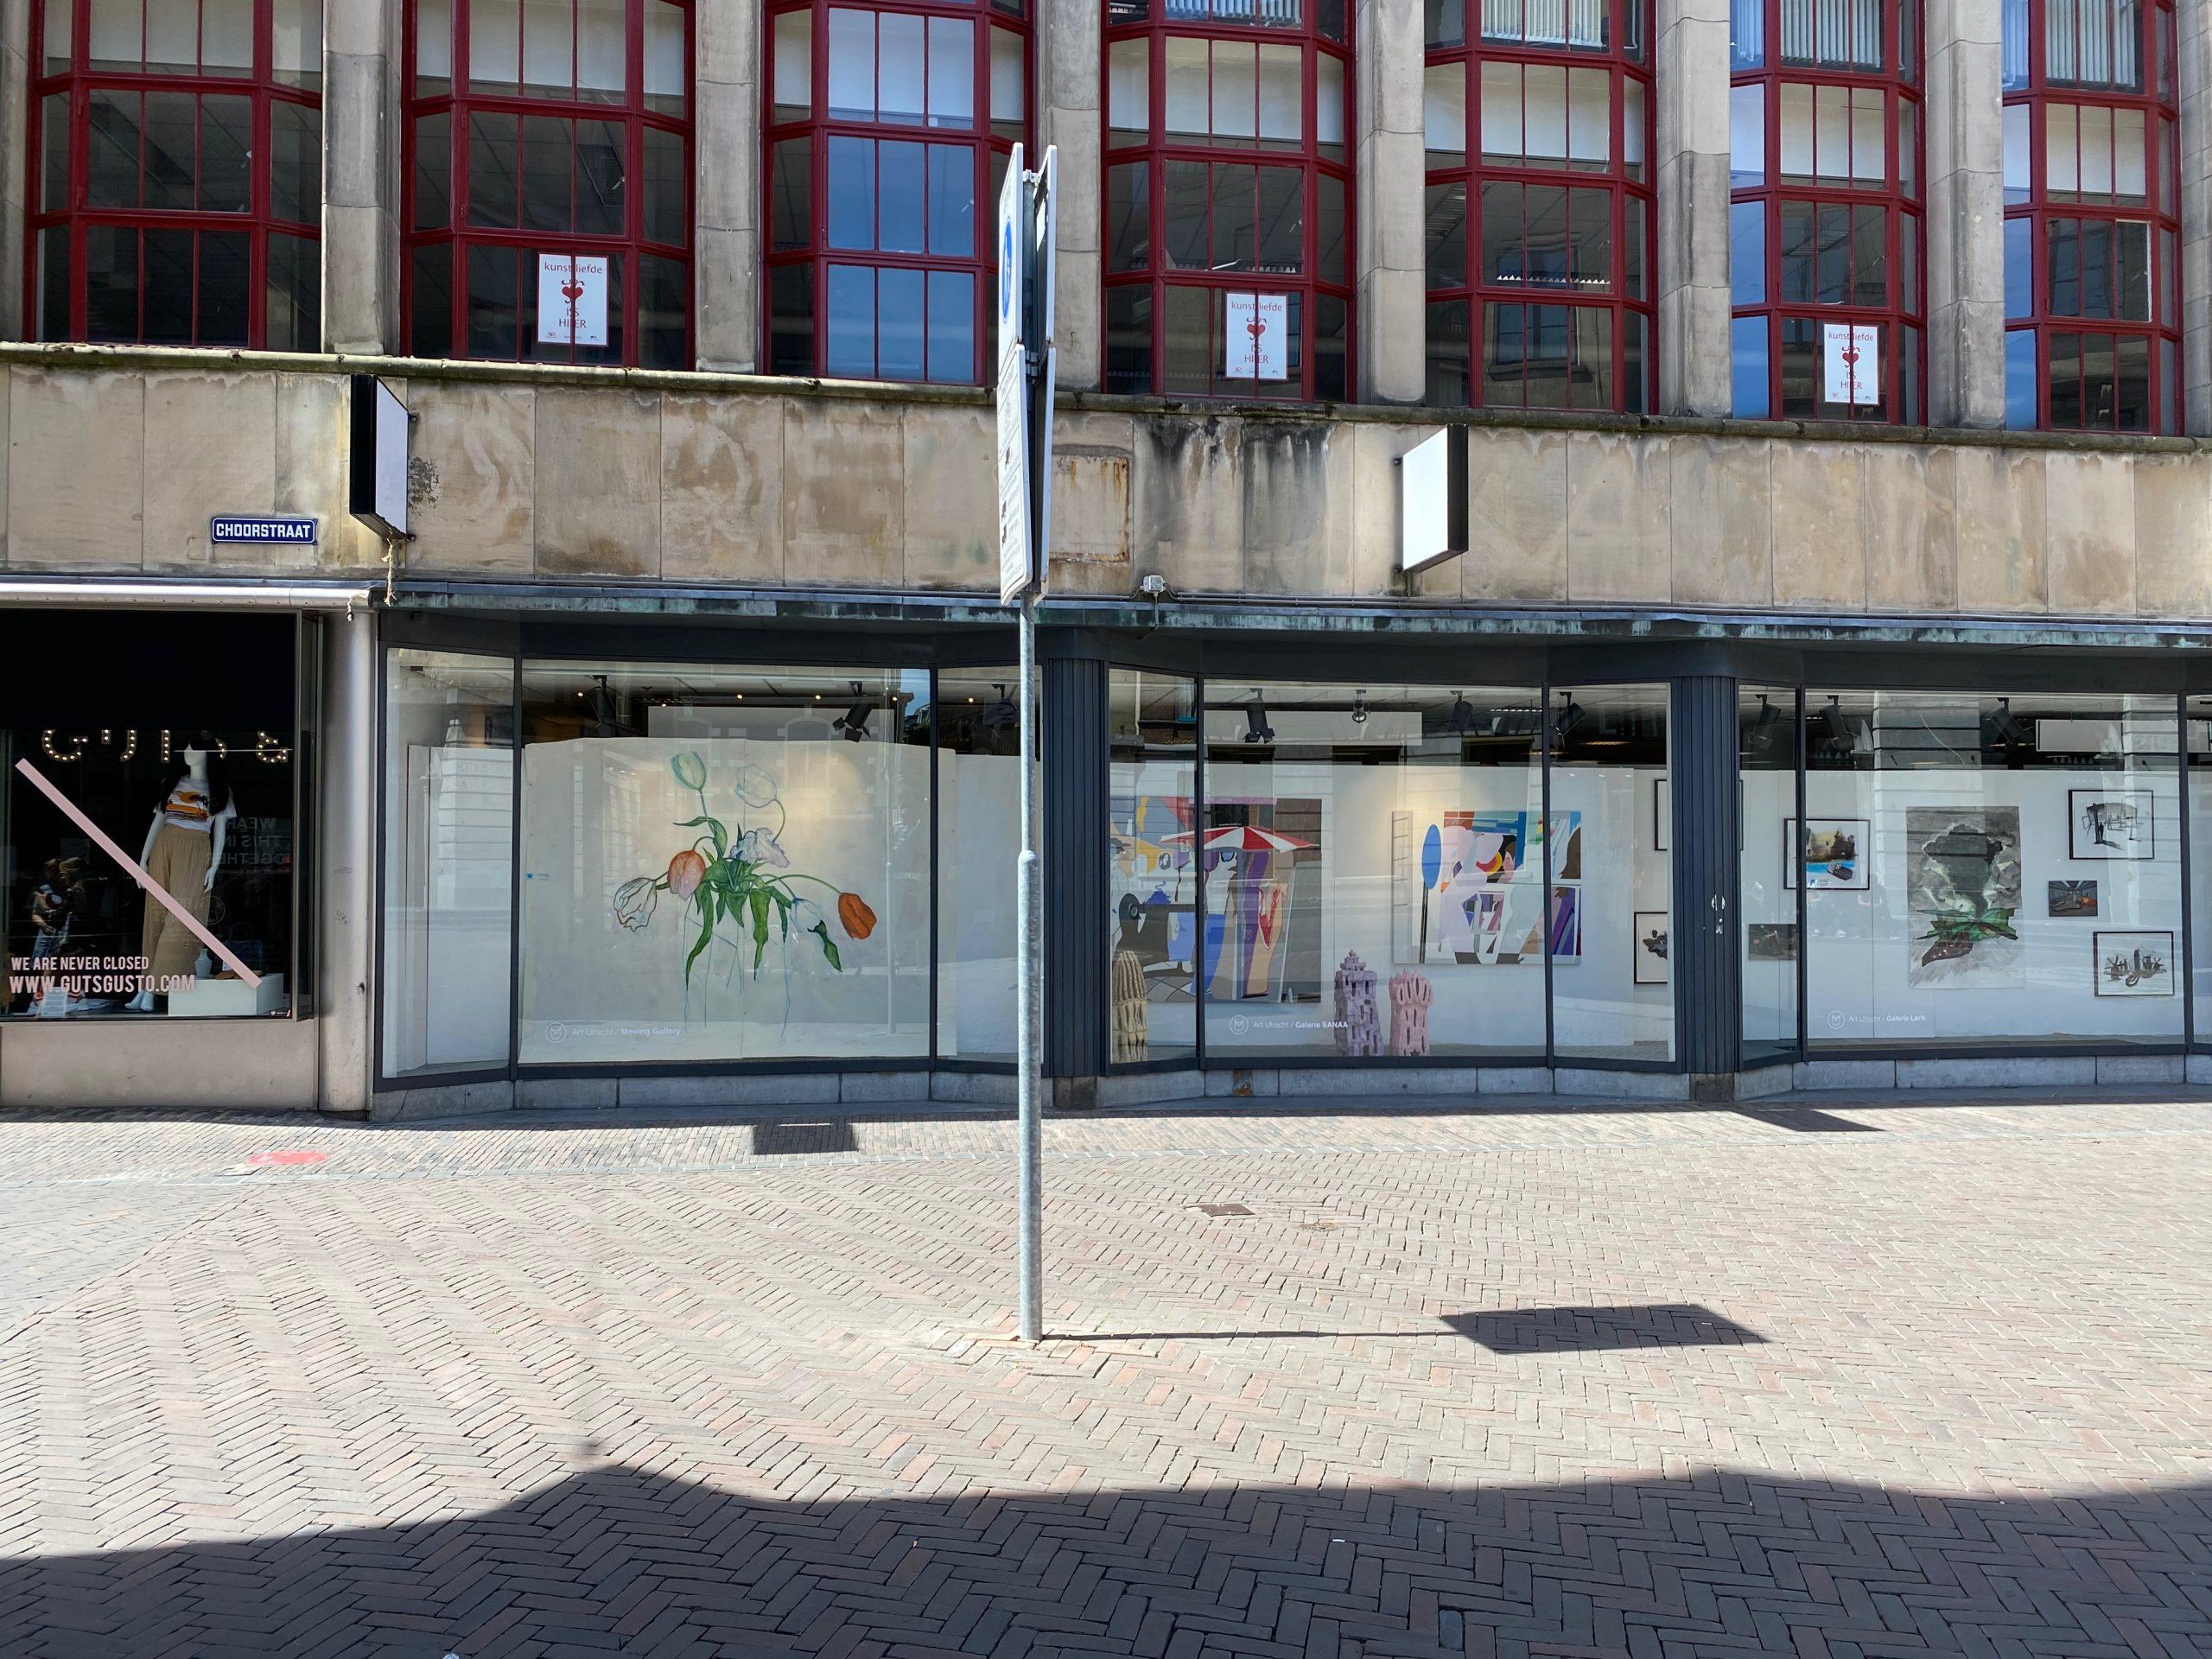 Moving Gallery Juni 2020 In Voormalig Broese Op Stadhuisbrug